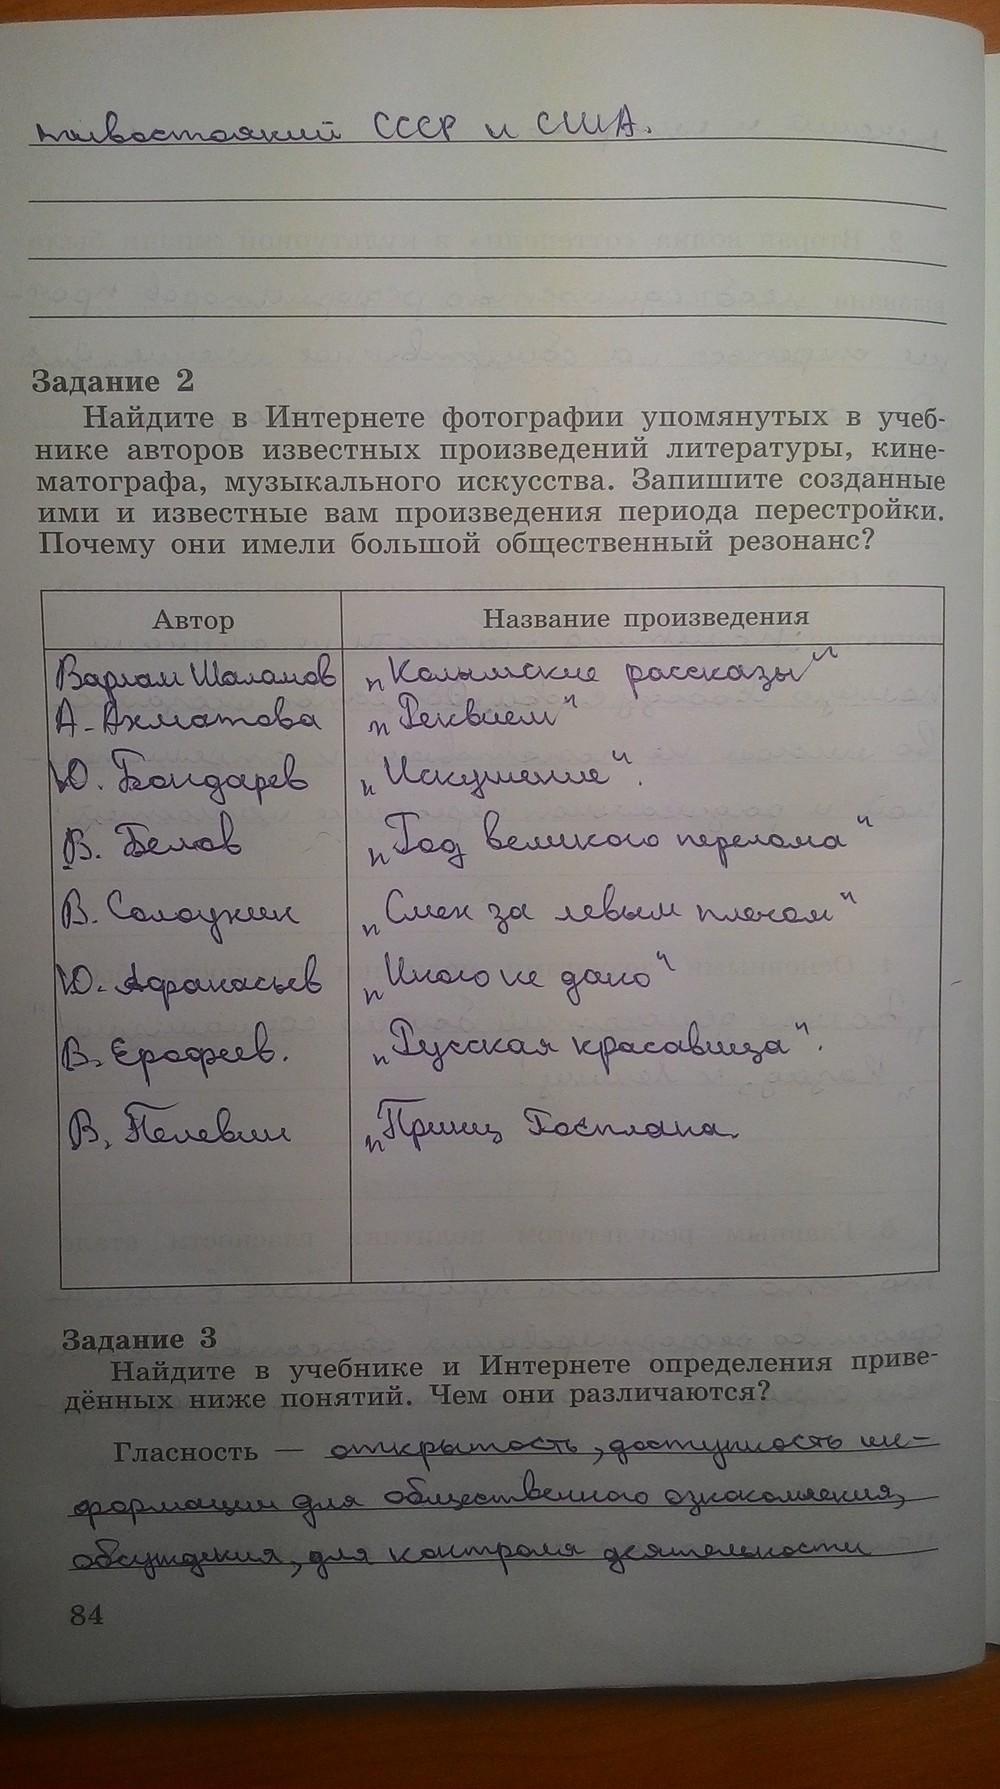 решебник по истории россии в рабочей тетради 7 класс данилов косулина